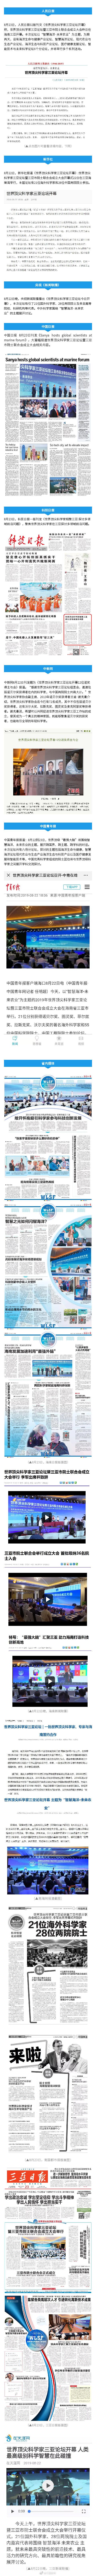 人民日报+新华社+中央广播电视总台…三亚刷屏各大媒体